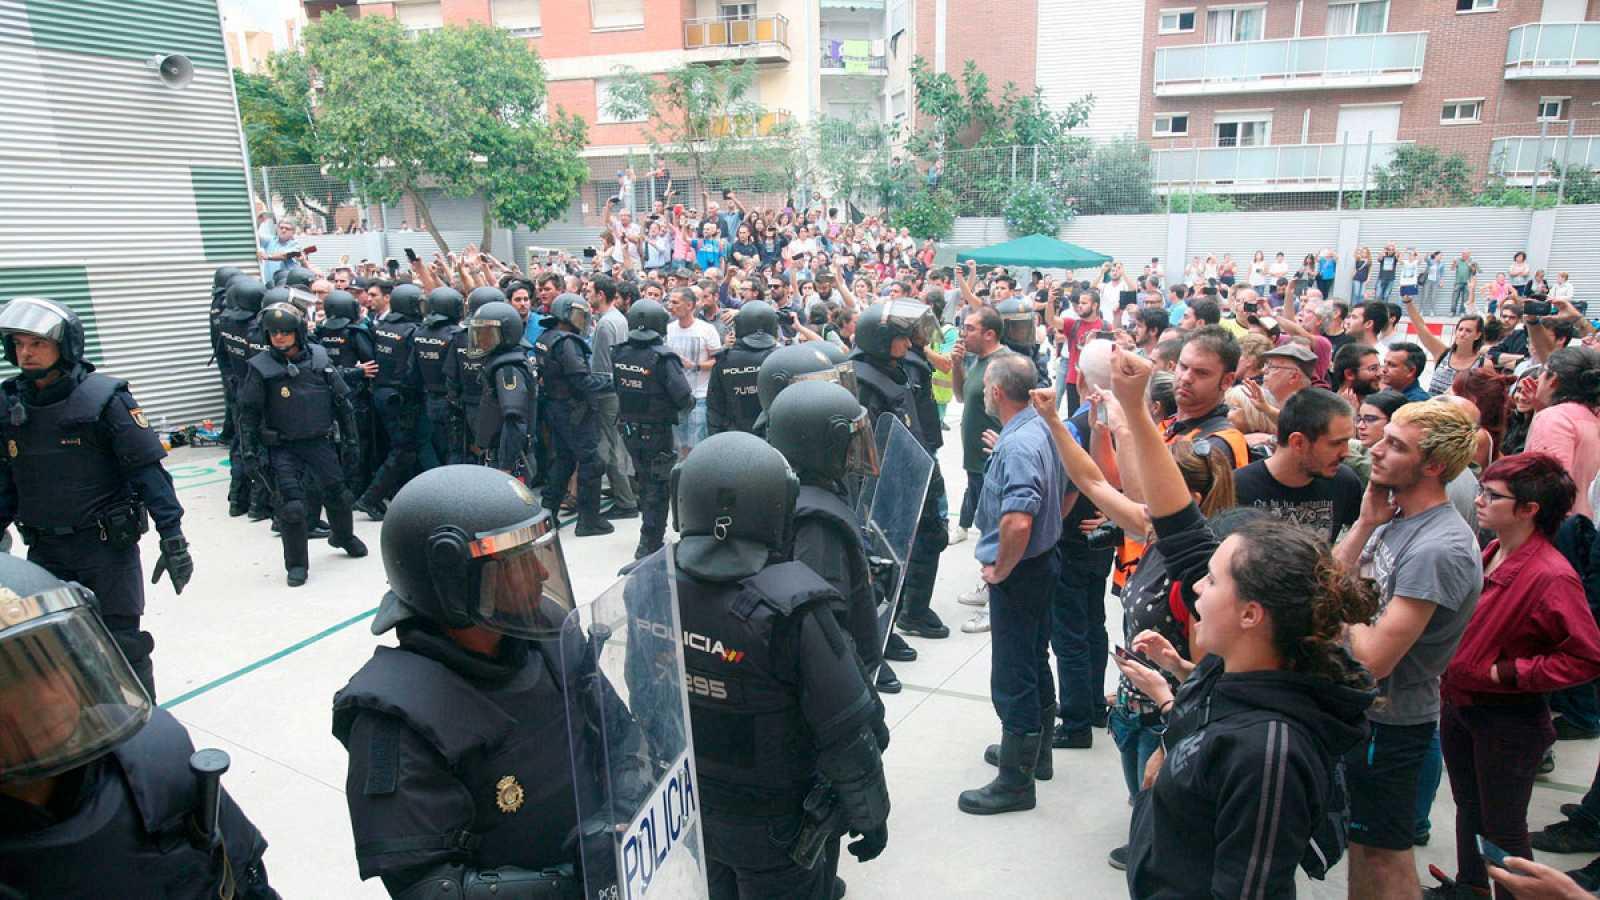 Agentes de la policía nacional forman un cordón policial en el IES Tarragona 69694376f2f